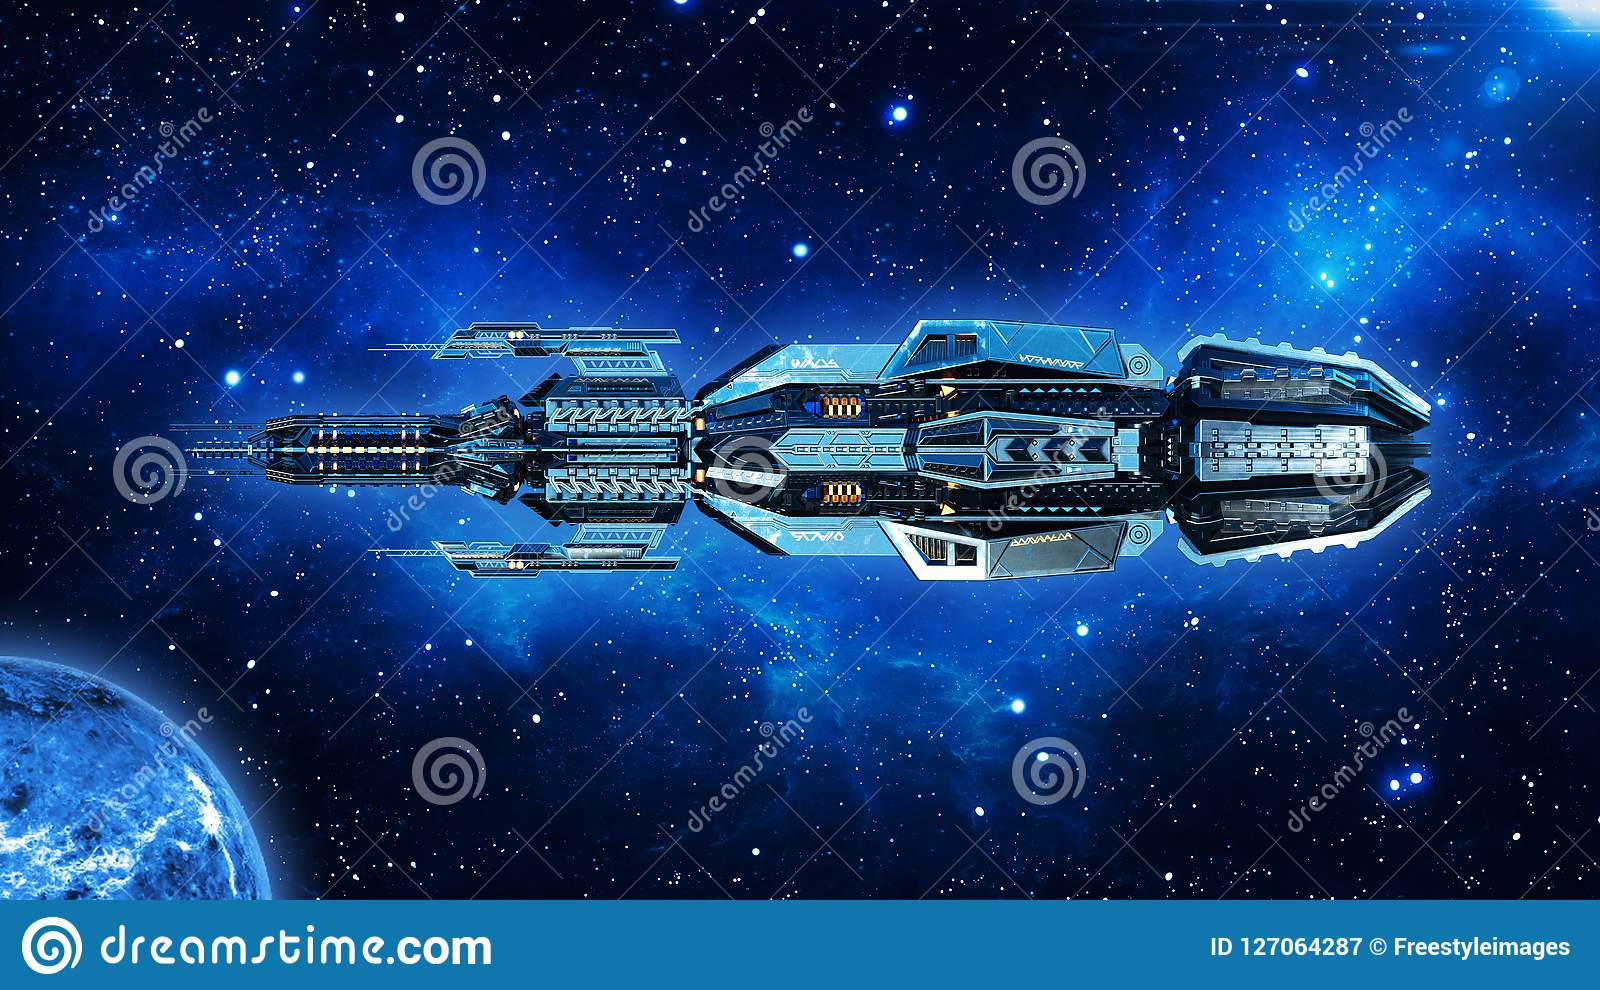 Ausländisches Mutterschiff, Raumschiff im Weltraum-, UFO-Raumfahrzeugfliegen im Universum mit Planeten und in den Sternen, Seiten